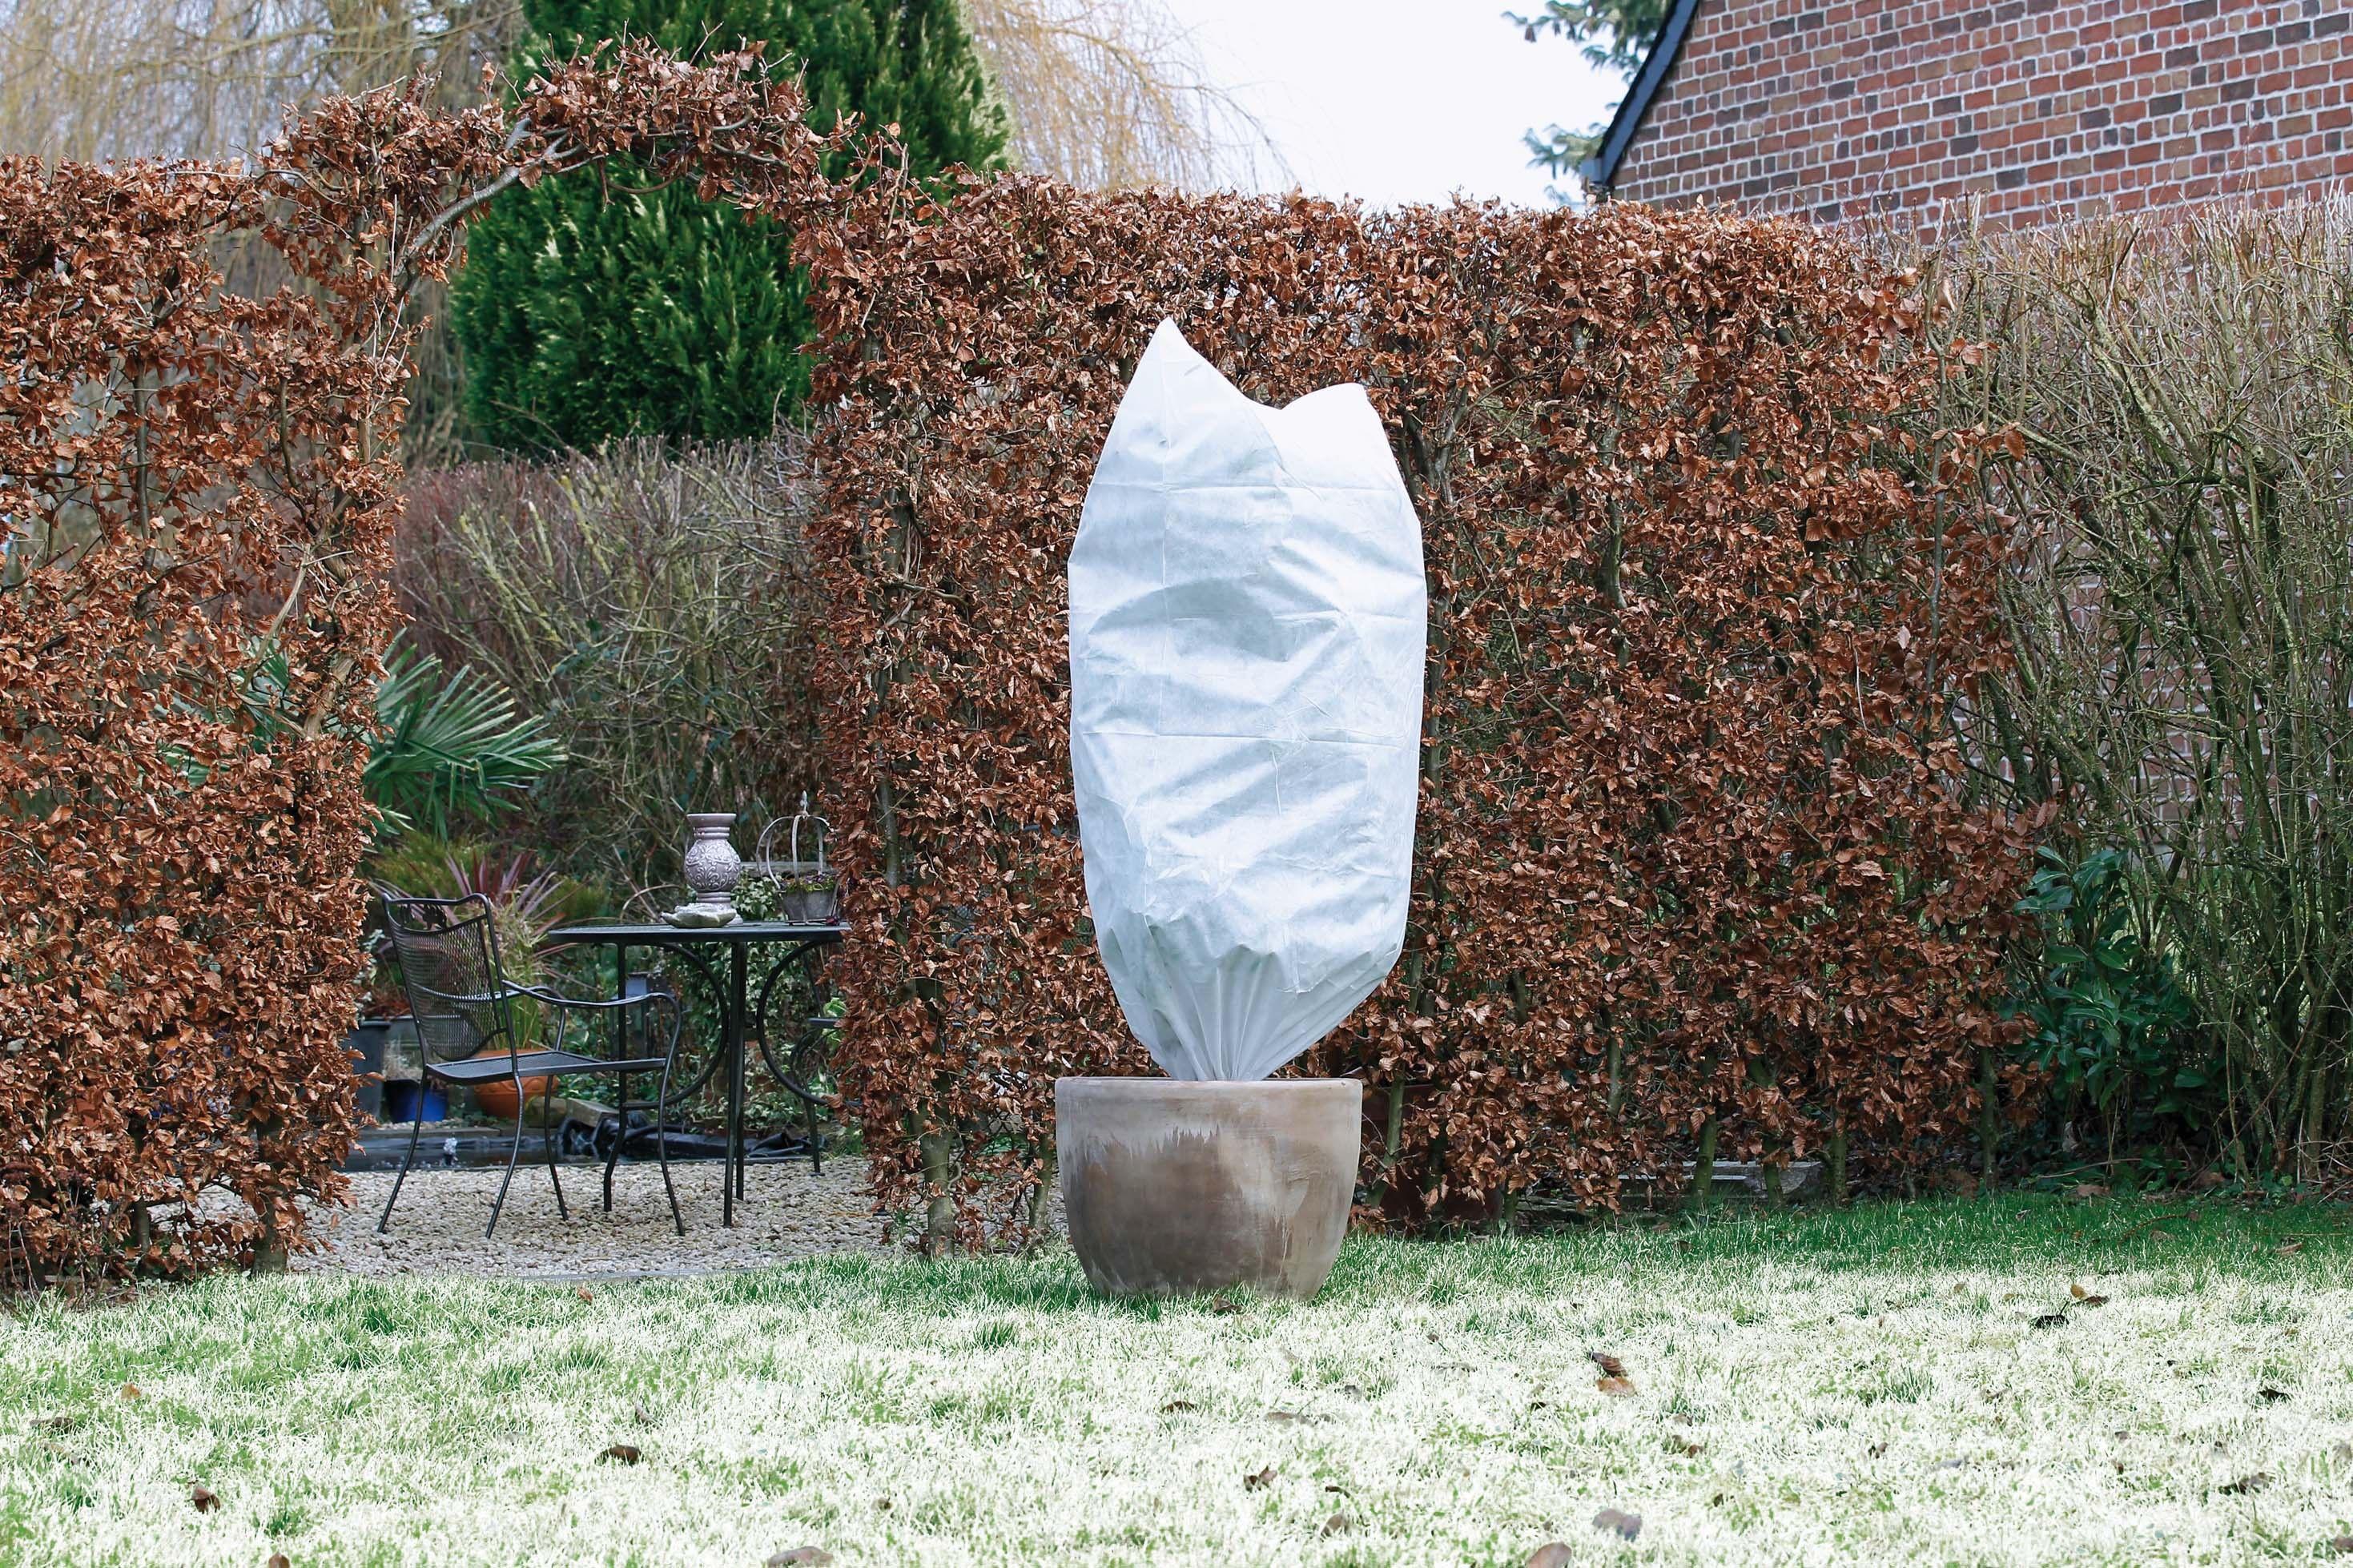 Housse D Hivernage Blanche Diametre 0 75 Cm X 1 50 M Dechets De Jardin Toile De Paillage Et Nature